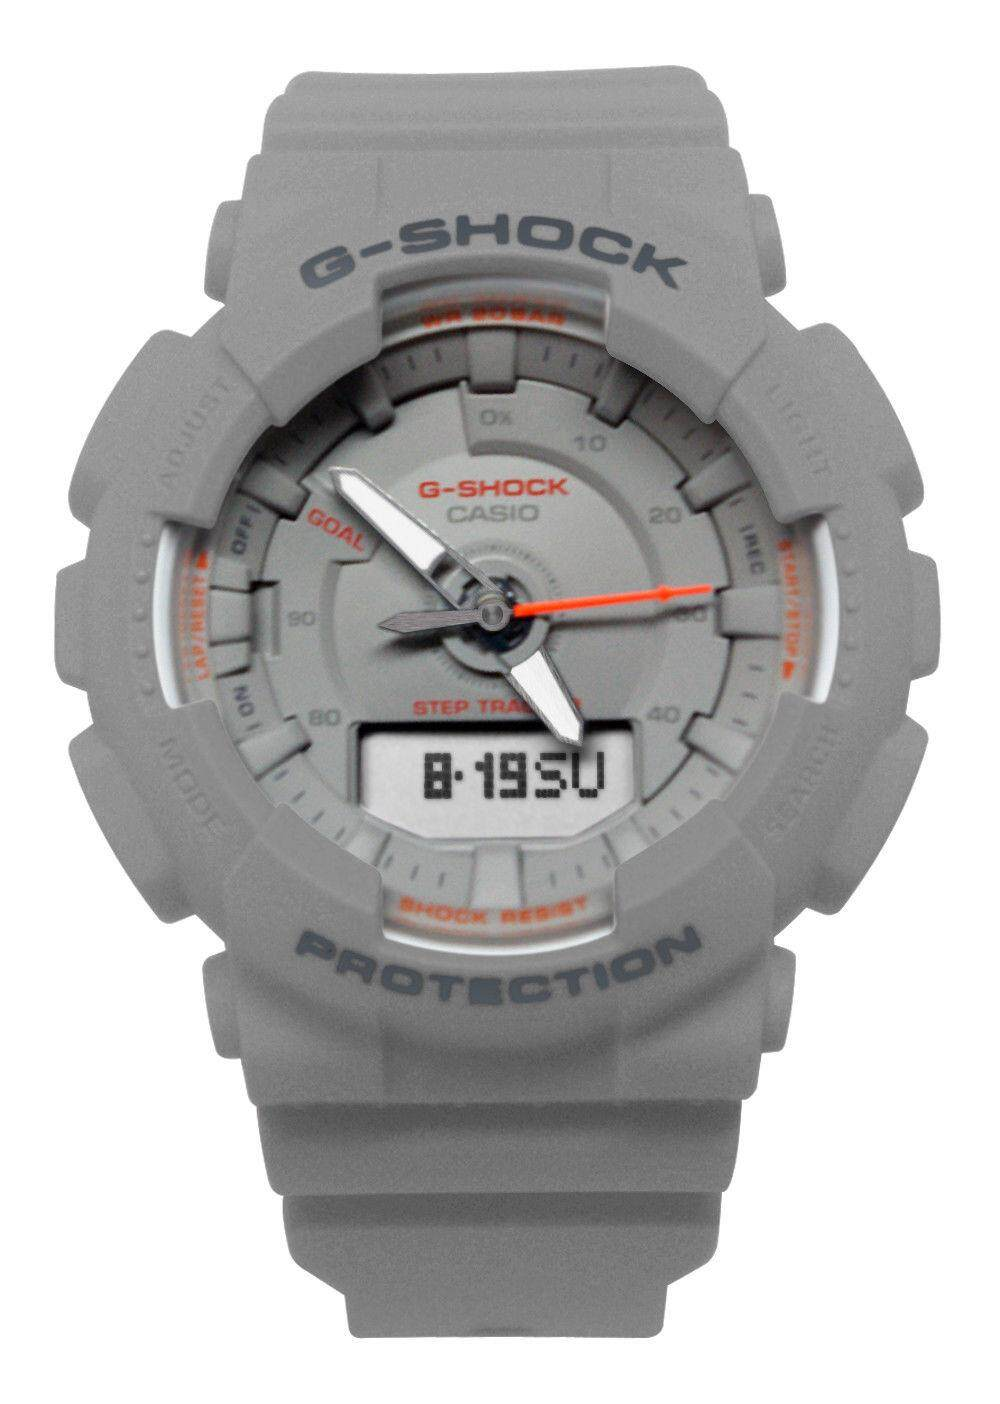 ตาก 【 STOCK】Original _ Casio_G-Shock S-Series GMAS130 Duo W/เวลา 200M กันน้ำกันกระแทกและกันน้ำโลกเครื่องมือวัดจำนวนก้าวกีฬานาฬิกา LED ไฟเปิดปิดอัตโนมัติ Wist นาฬิกากีฬาสำหรับ